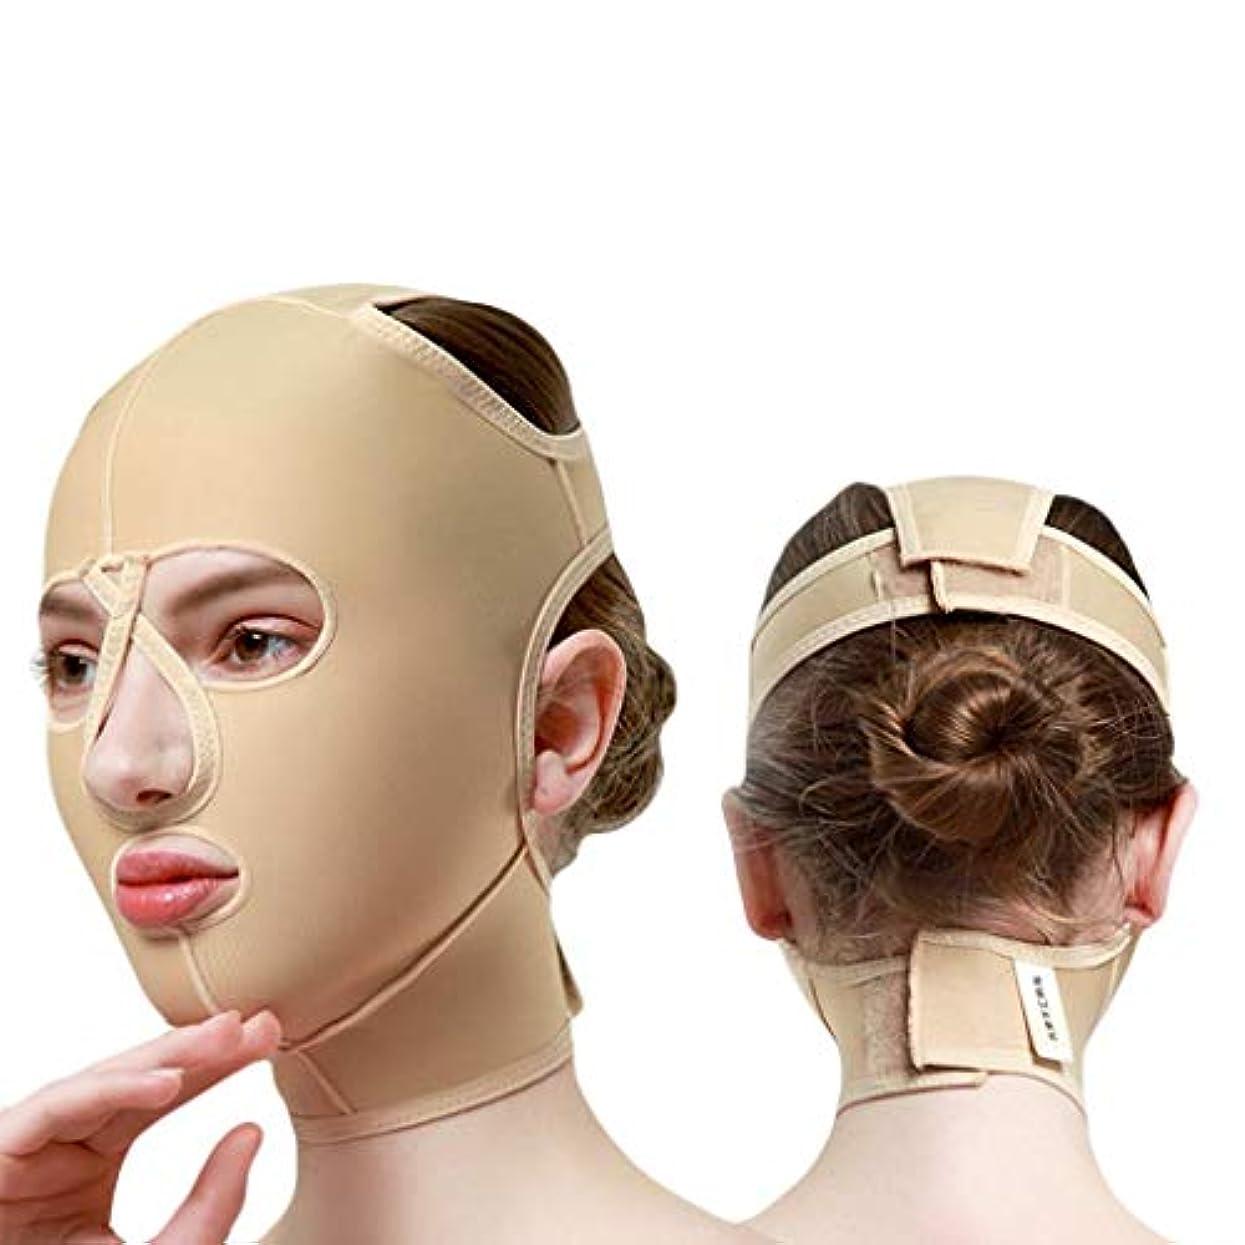 先入観腸守銭奴チンストラップ、顔彫りツール、リフティングマスク、ダブルチンリデューサー、フェイスリフティングエラスティックマスクメス(サイズ:M),XL